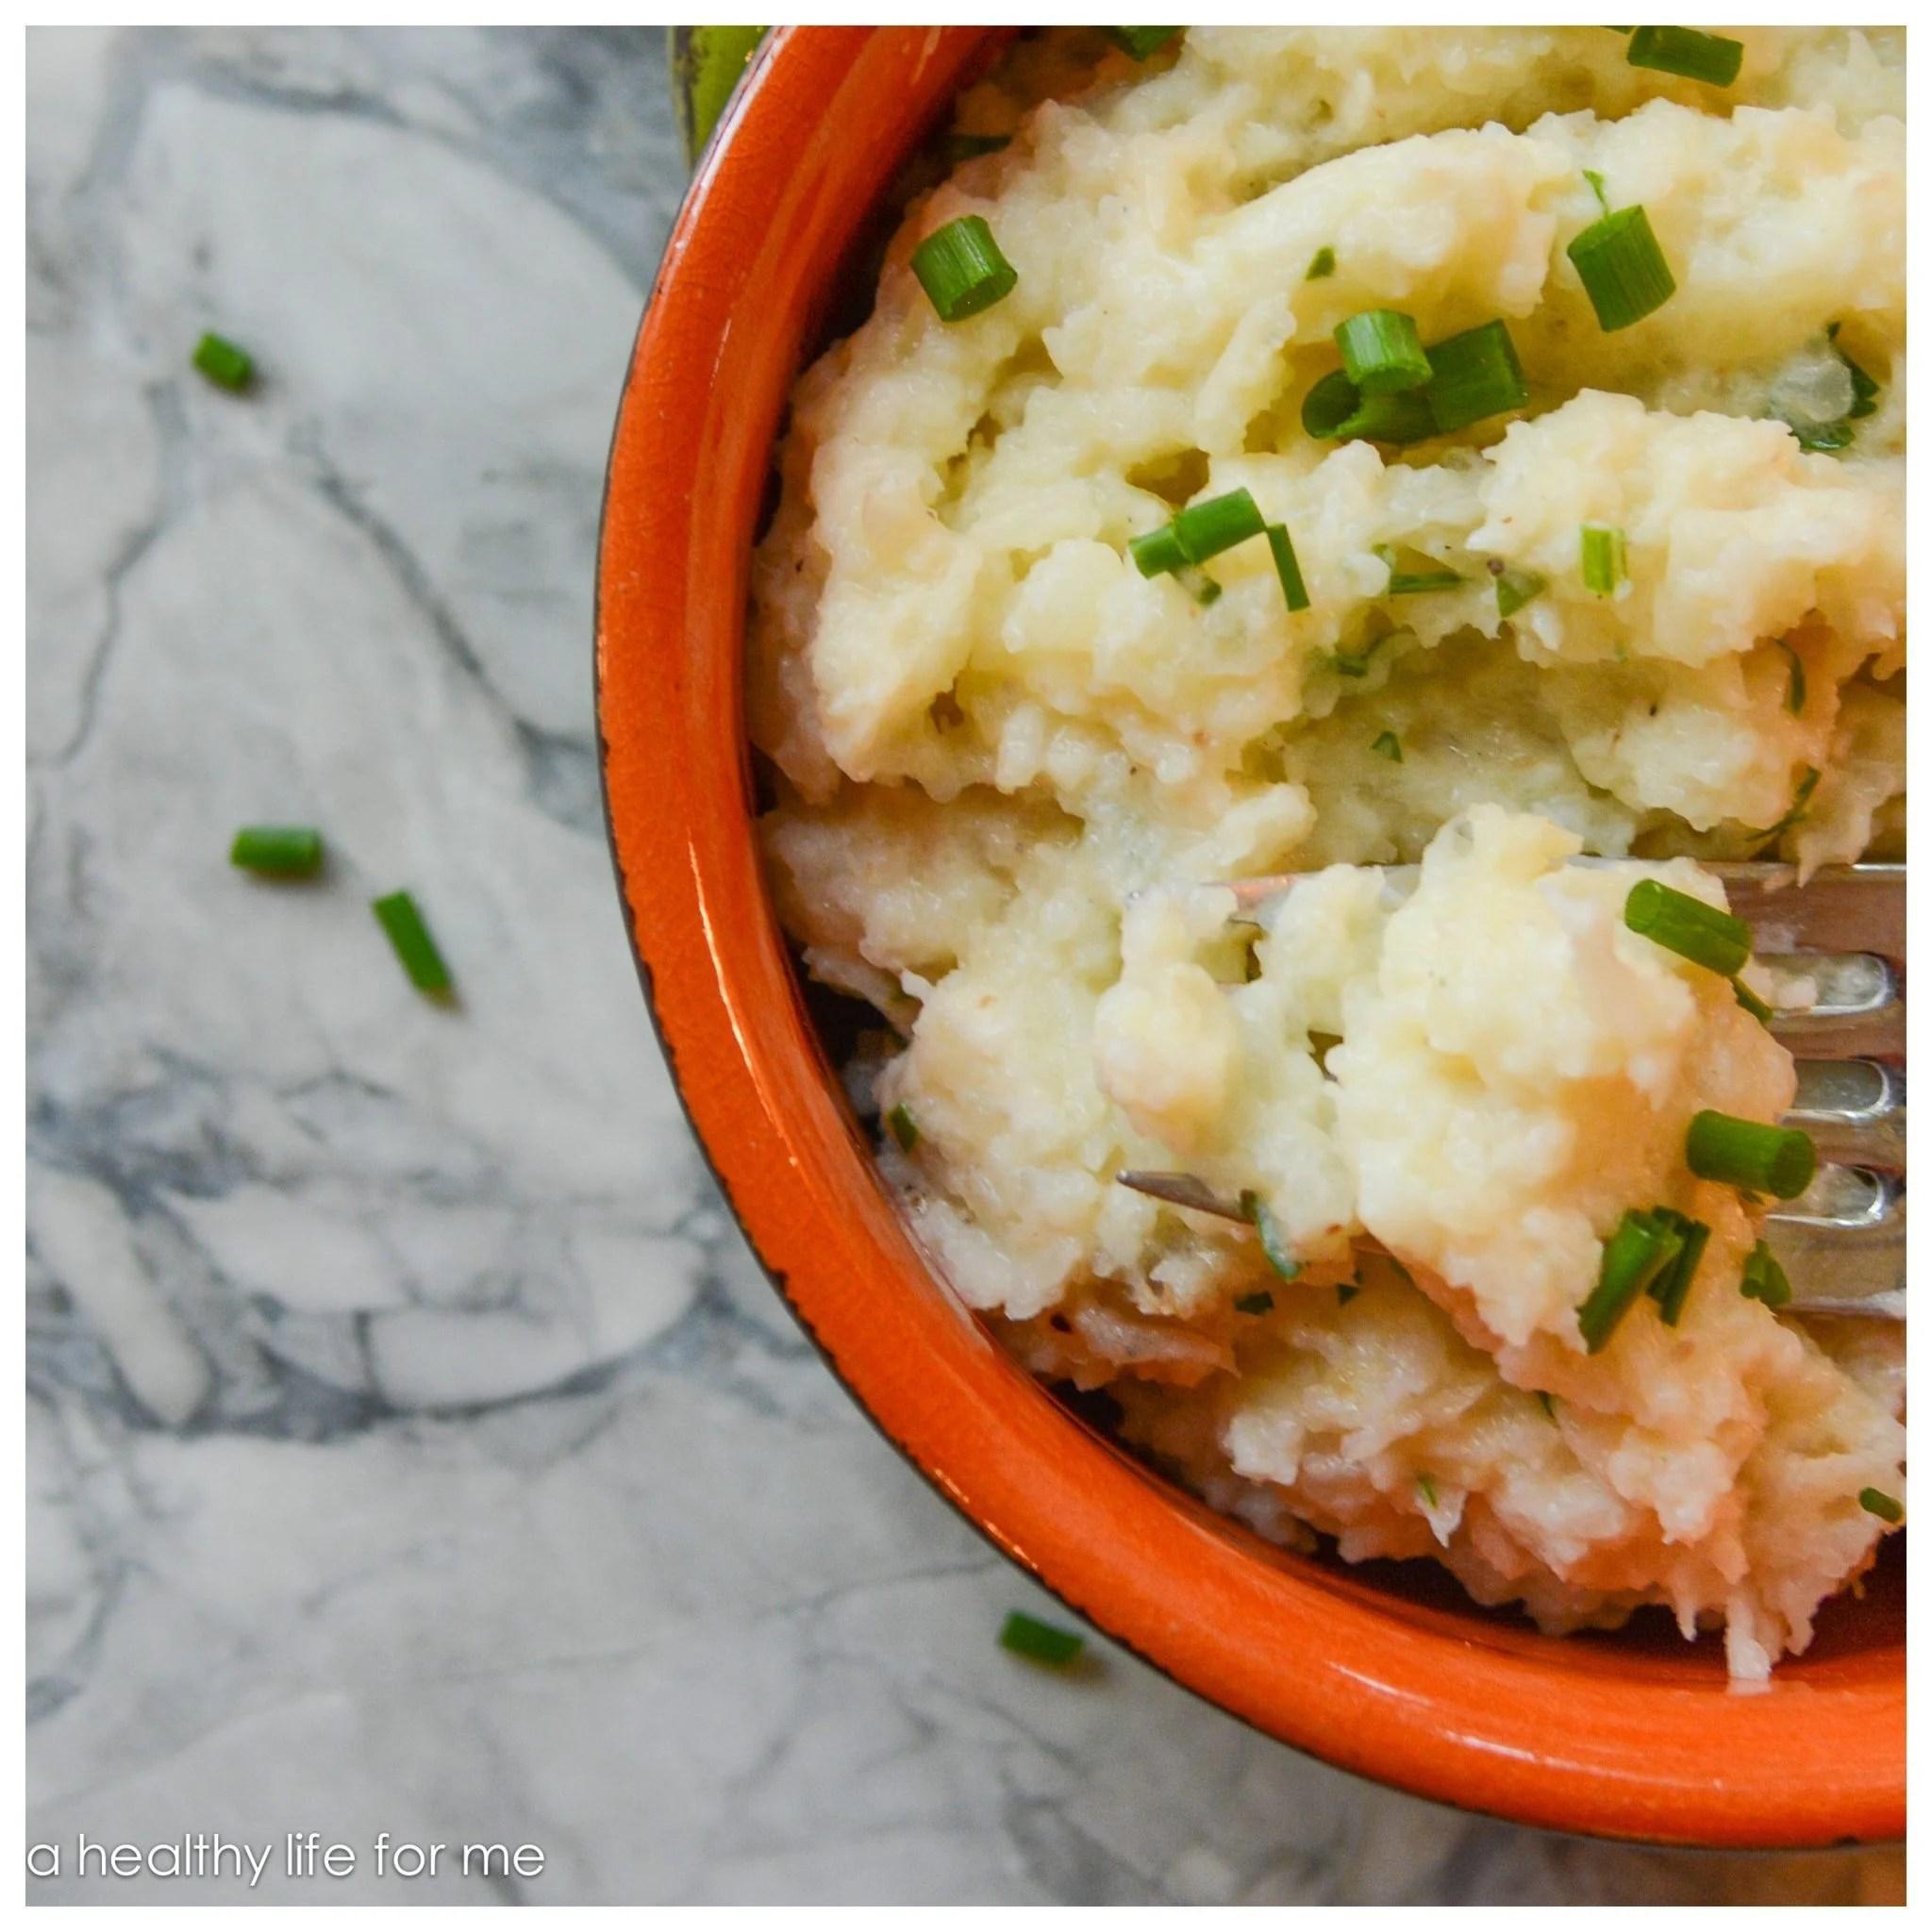 Vegetarian Healthy Cauliflower Thanksgiving Side Dish Chrismas Vegetarian Healthy Cauliflower Thanksgiving Christmas Side Dish